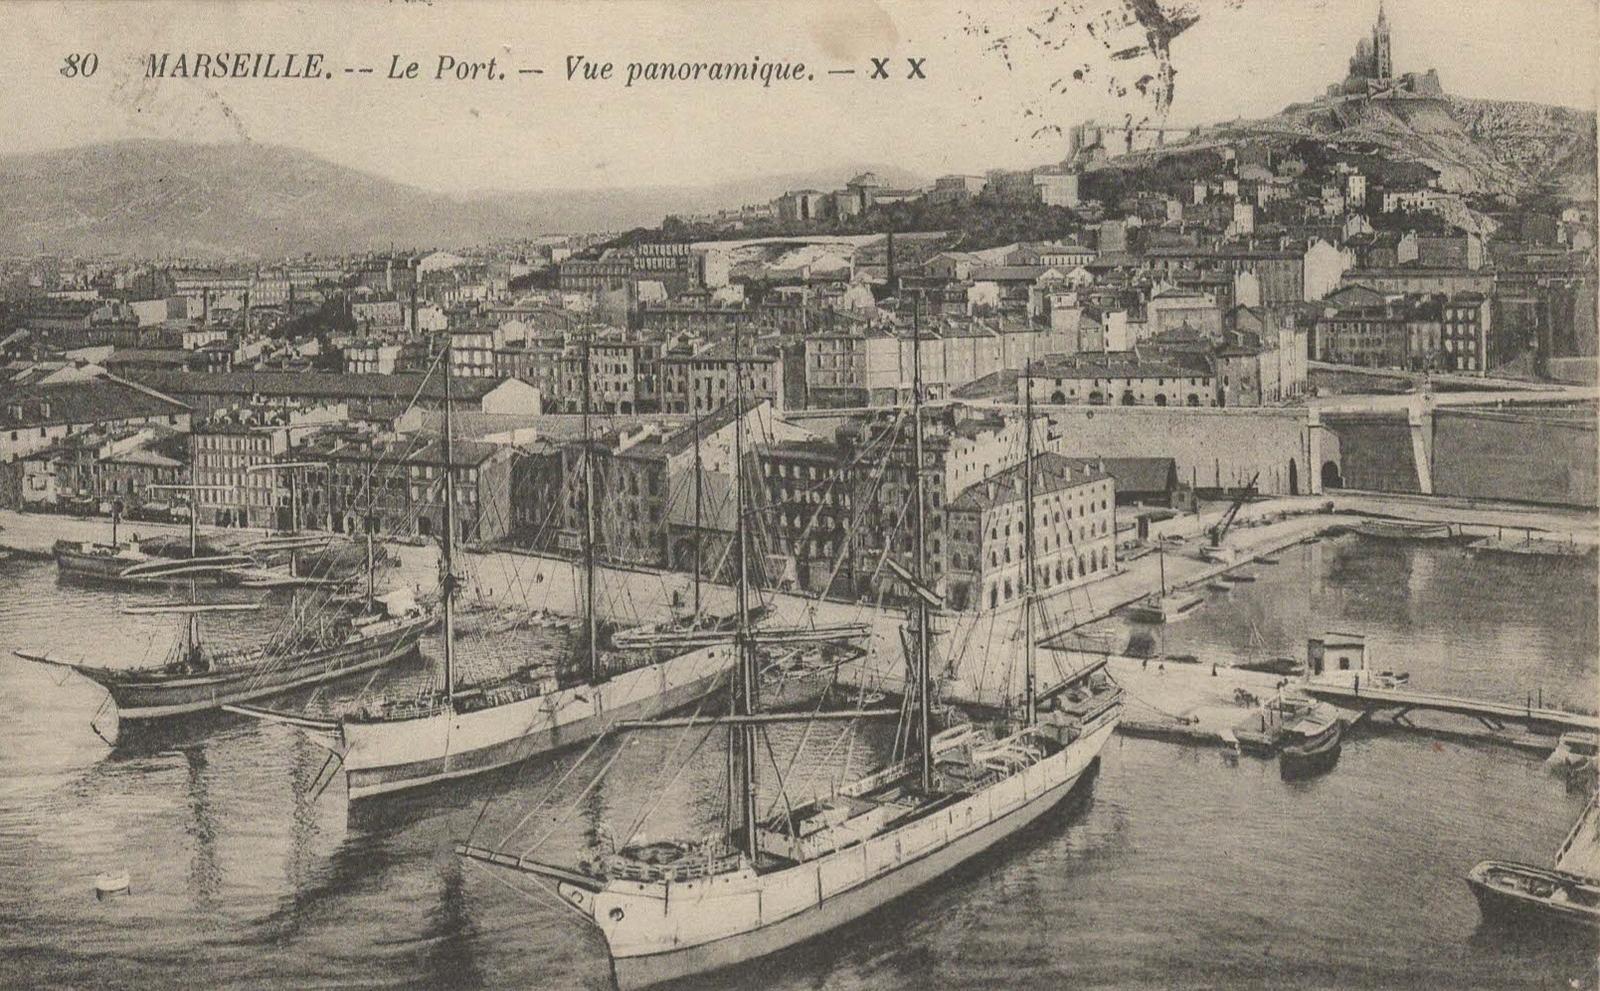 Marseille -  Le port de Marseille vers 1915